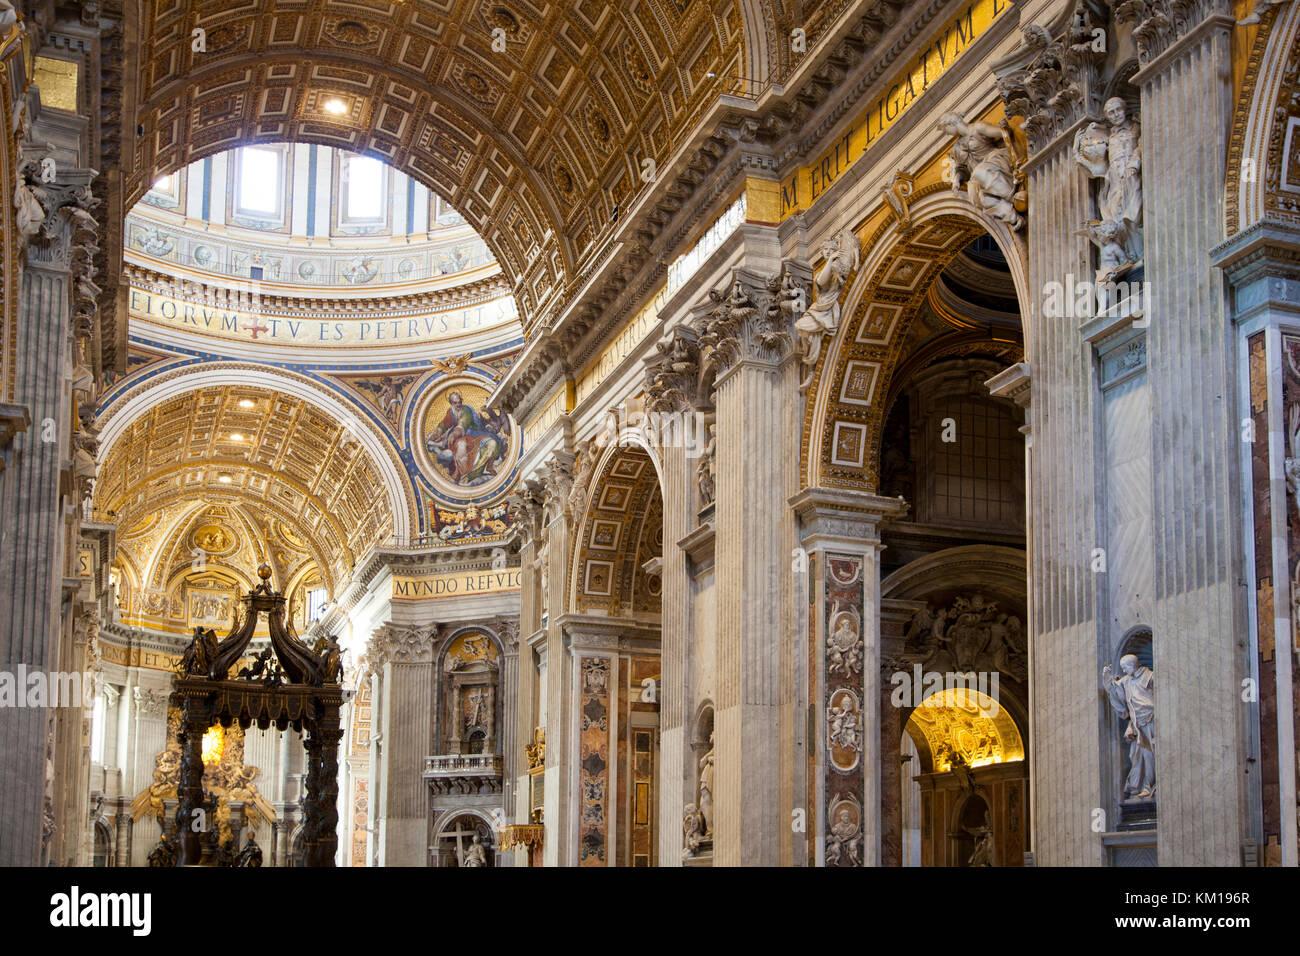 L interno della basilica di San Pietro in Vaticano, Roma, Italia. Immagini Stock